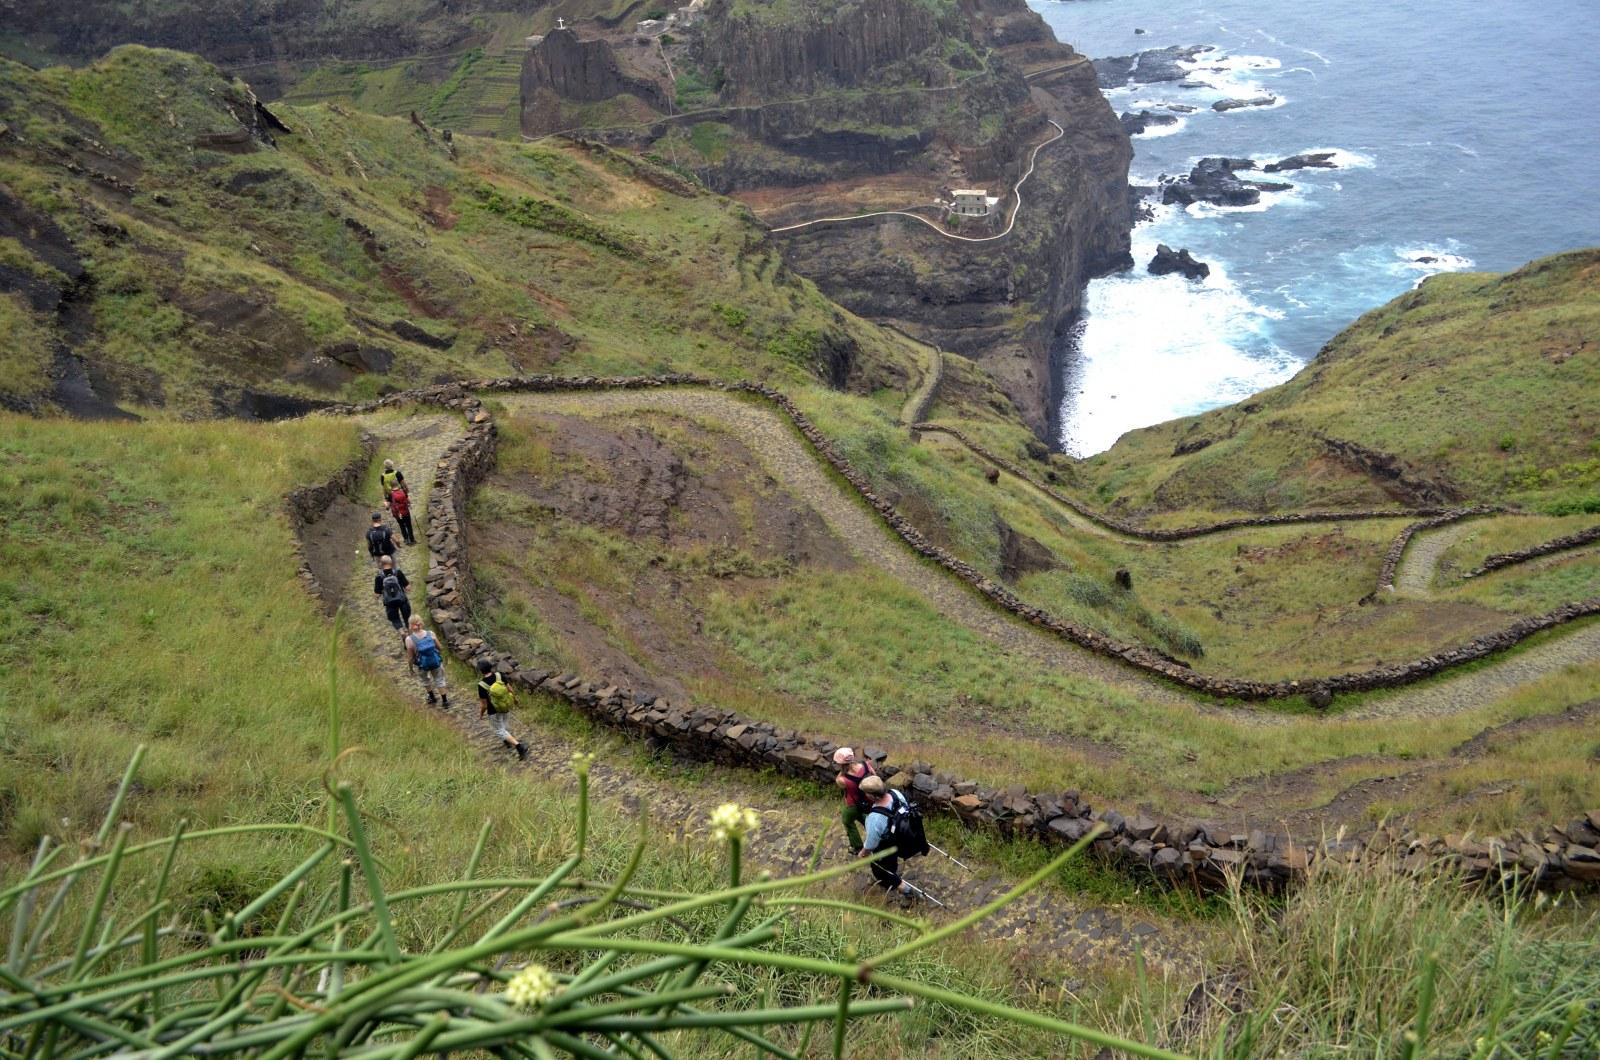 Santo Antao: Küstenwanderung von Ponta do Sol über Fontainhas nach Cruzinha da Garça